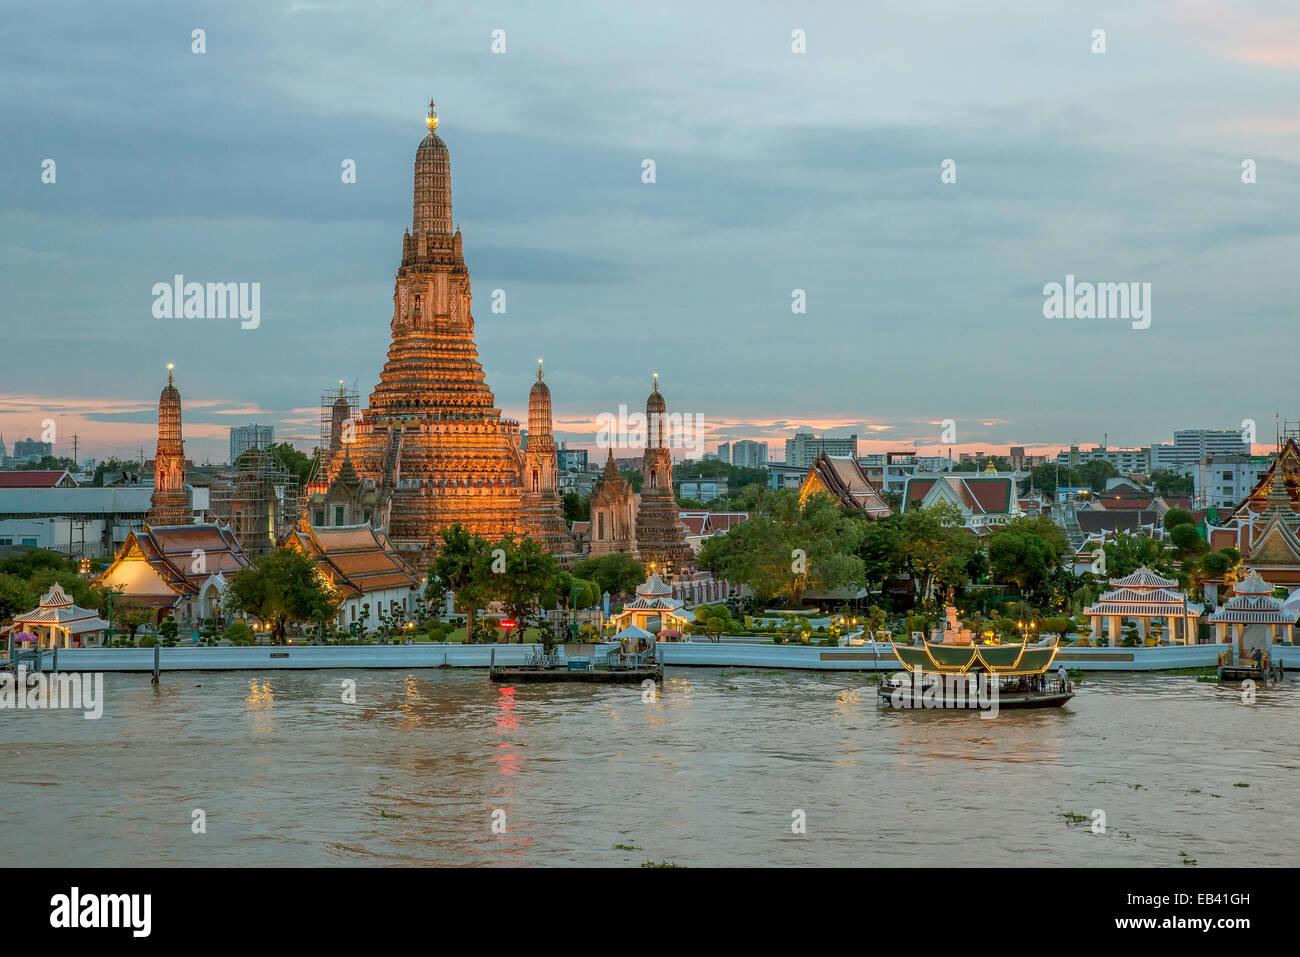 Night view of Wat Arun temple and Chao Phraya River, Bangkok, Thailand Stock Photo